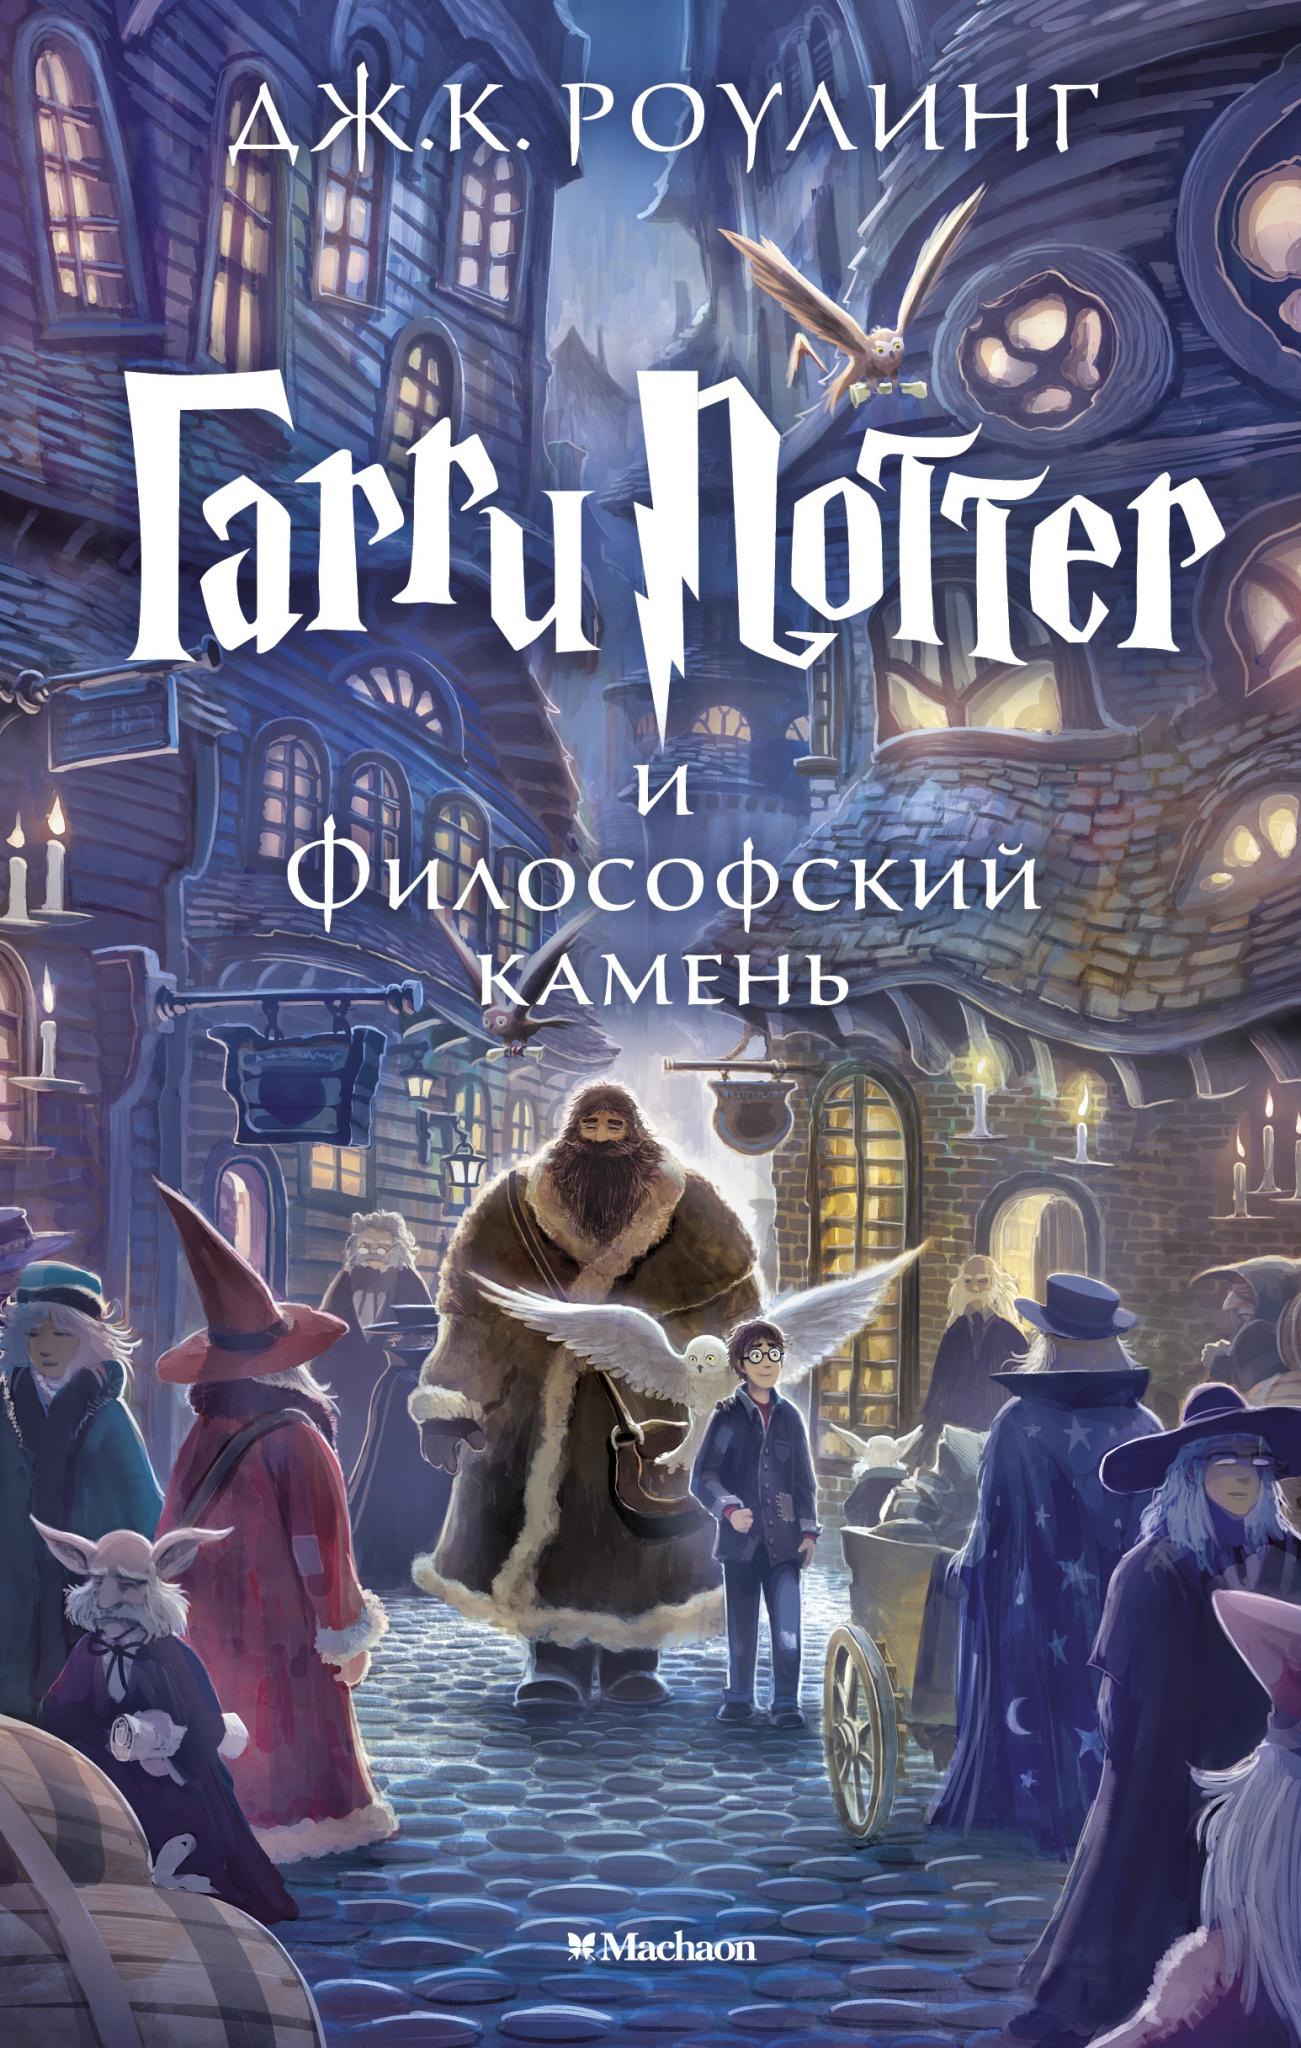 Гарри поттер скачать книгу pdf